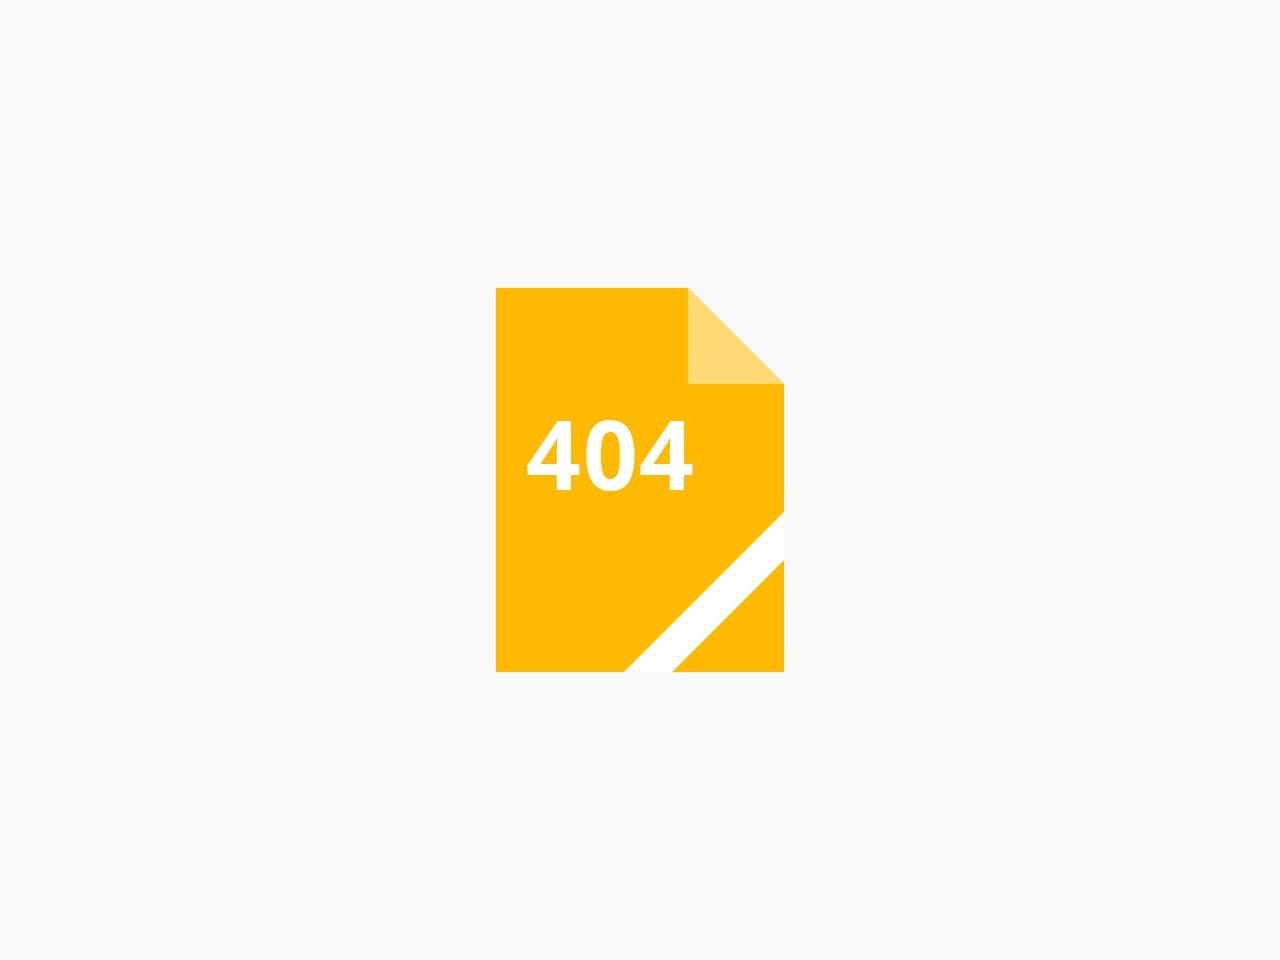 5188企业彩铃网